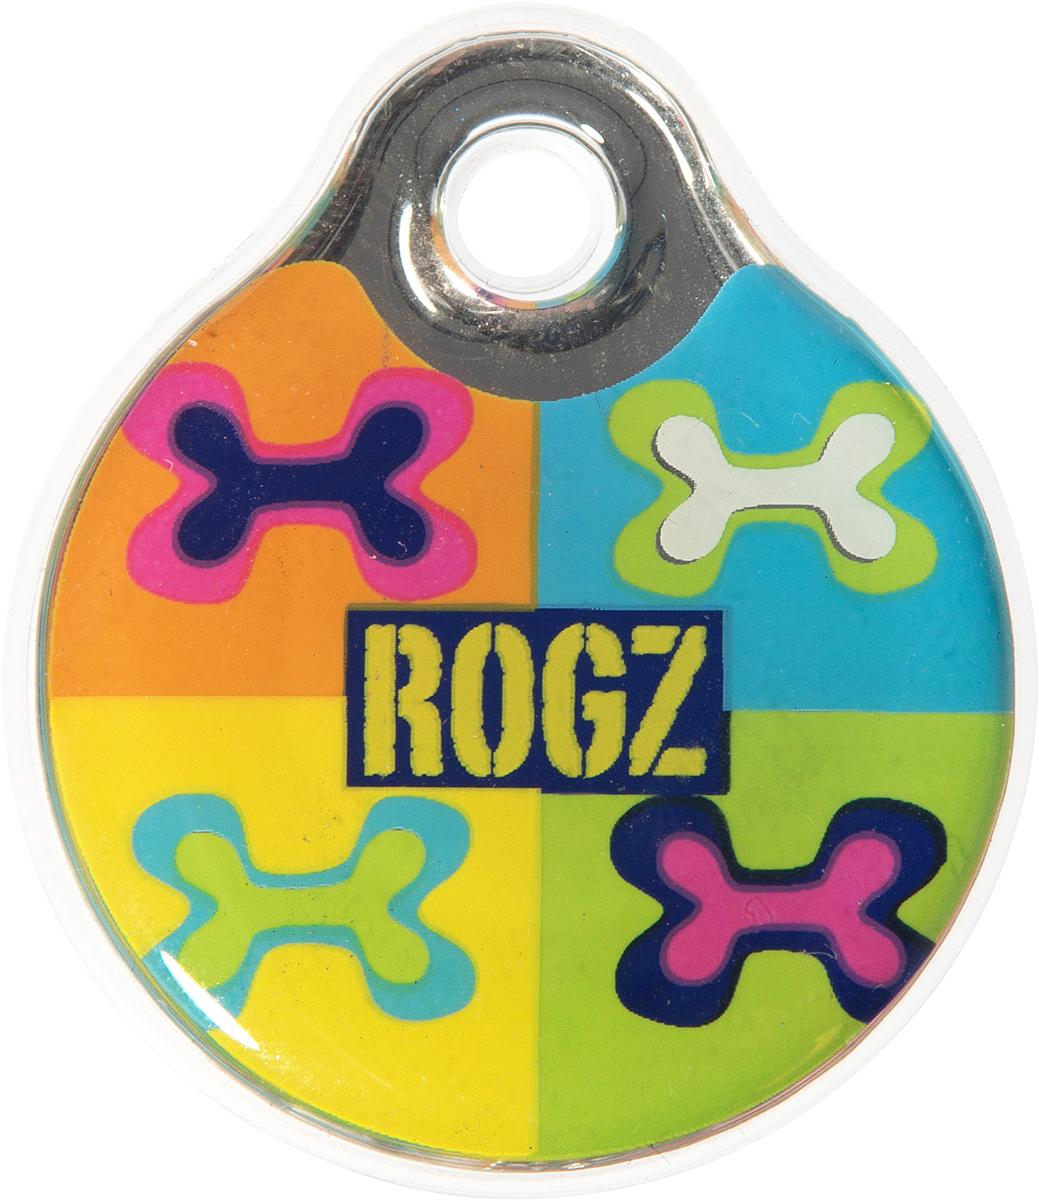 Адресник на ошейник Rogz Fancy Dress, диаметр 3,4 см. IDR34BWHL03CEАдресник на ошейник Rogz Fancy Dress мгновенно готов к использованию.Не требует специальной гравировки. Вся информация может быть записана хозяином сразу после покупки.Защита от коррозии.Дизайн адресника создан таким образом, чтобы дополнить рисунок и расцветку аксессуаров коллекции Fancy Dress.Бесшумность. Не гремит при движении собаки.